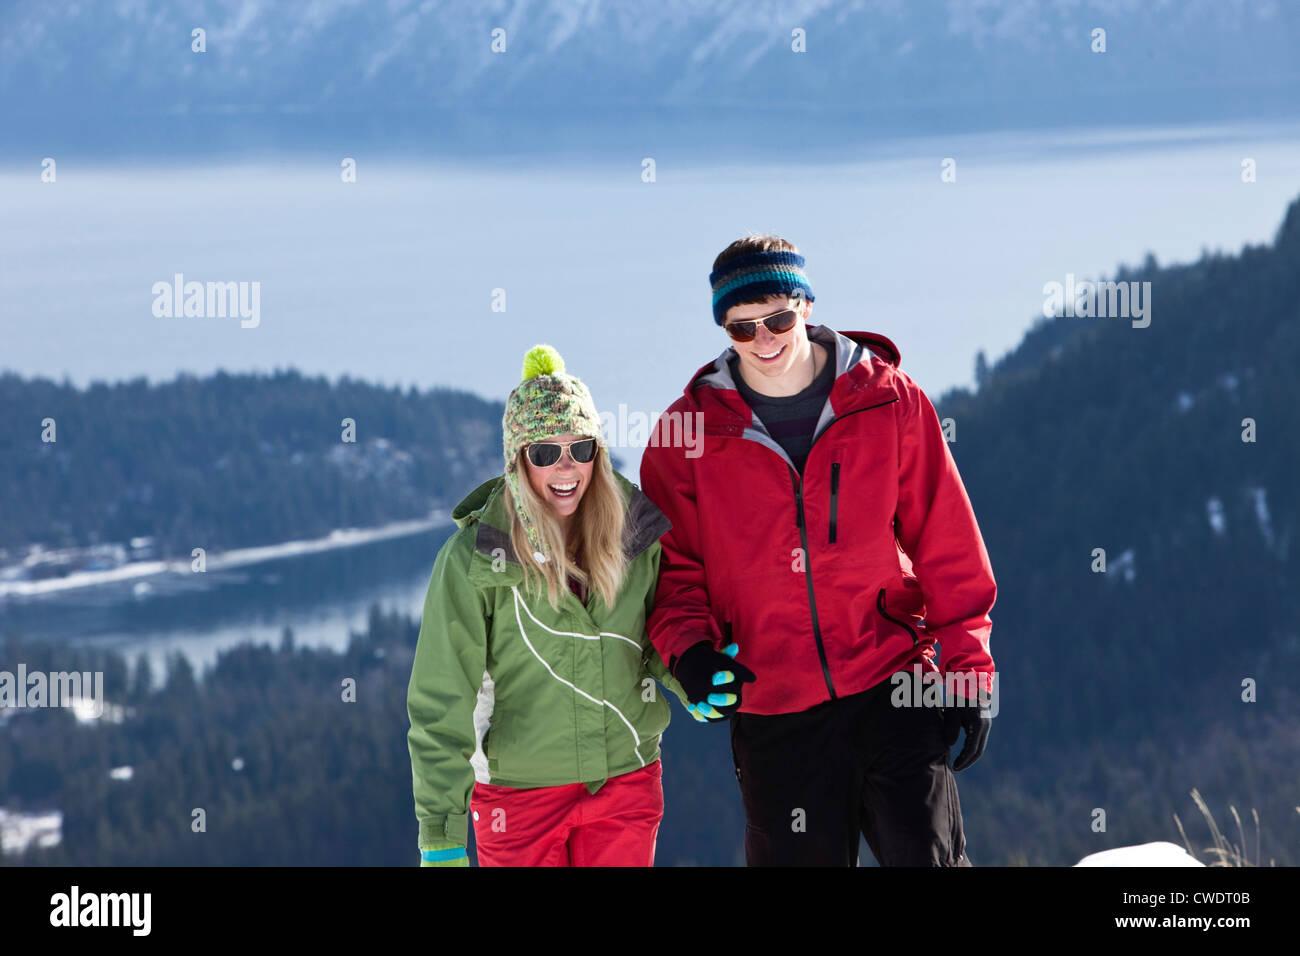 Deux jeunes adultes sourire alors que la raquette sur une belle journée d'hiver de l'Idaho. Photo Stock